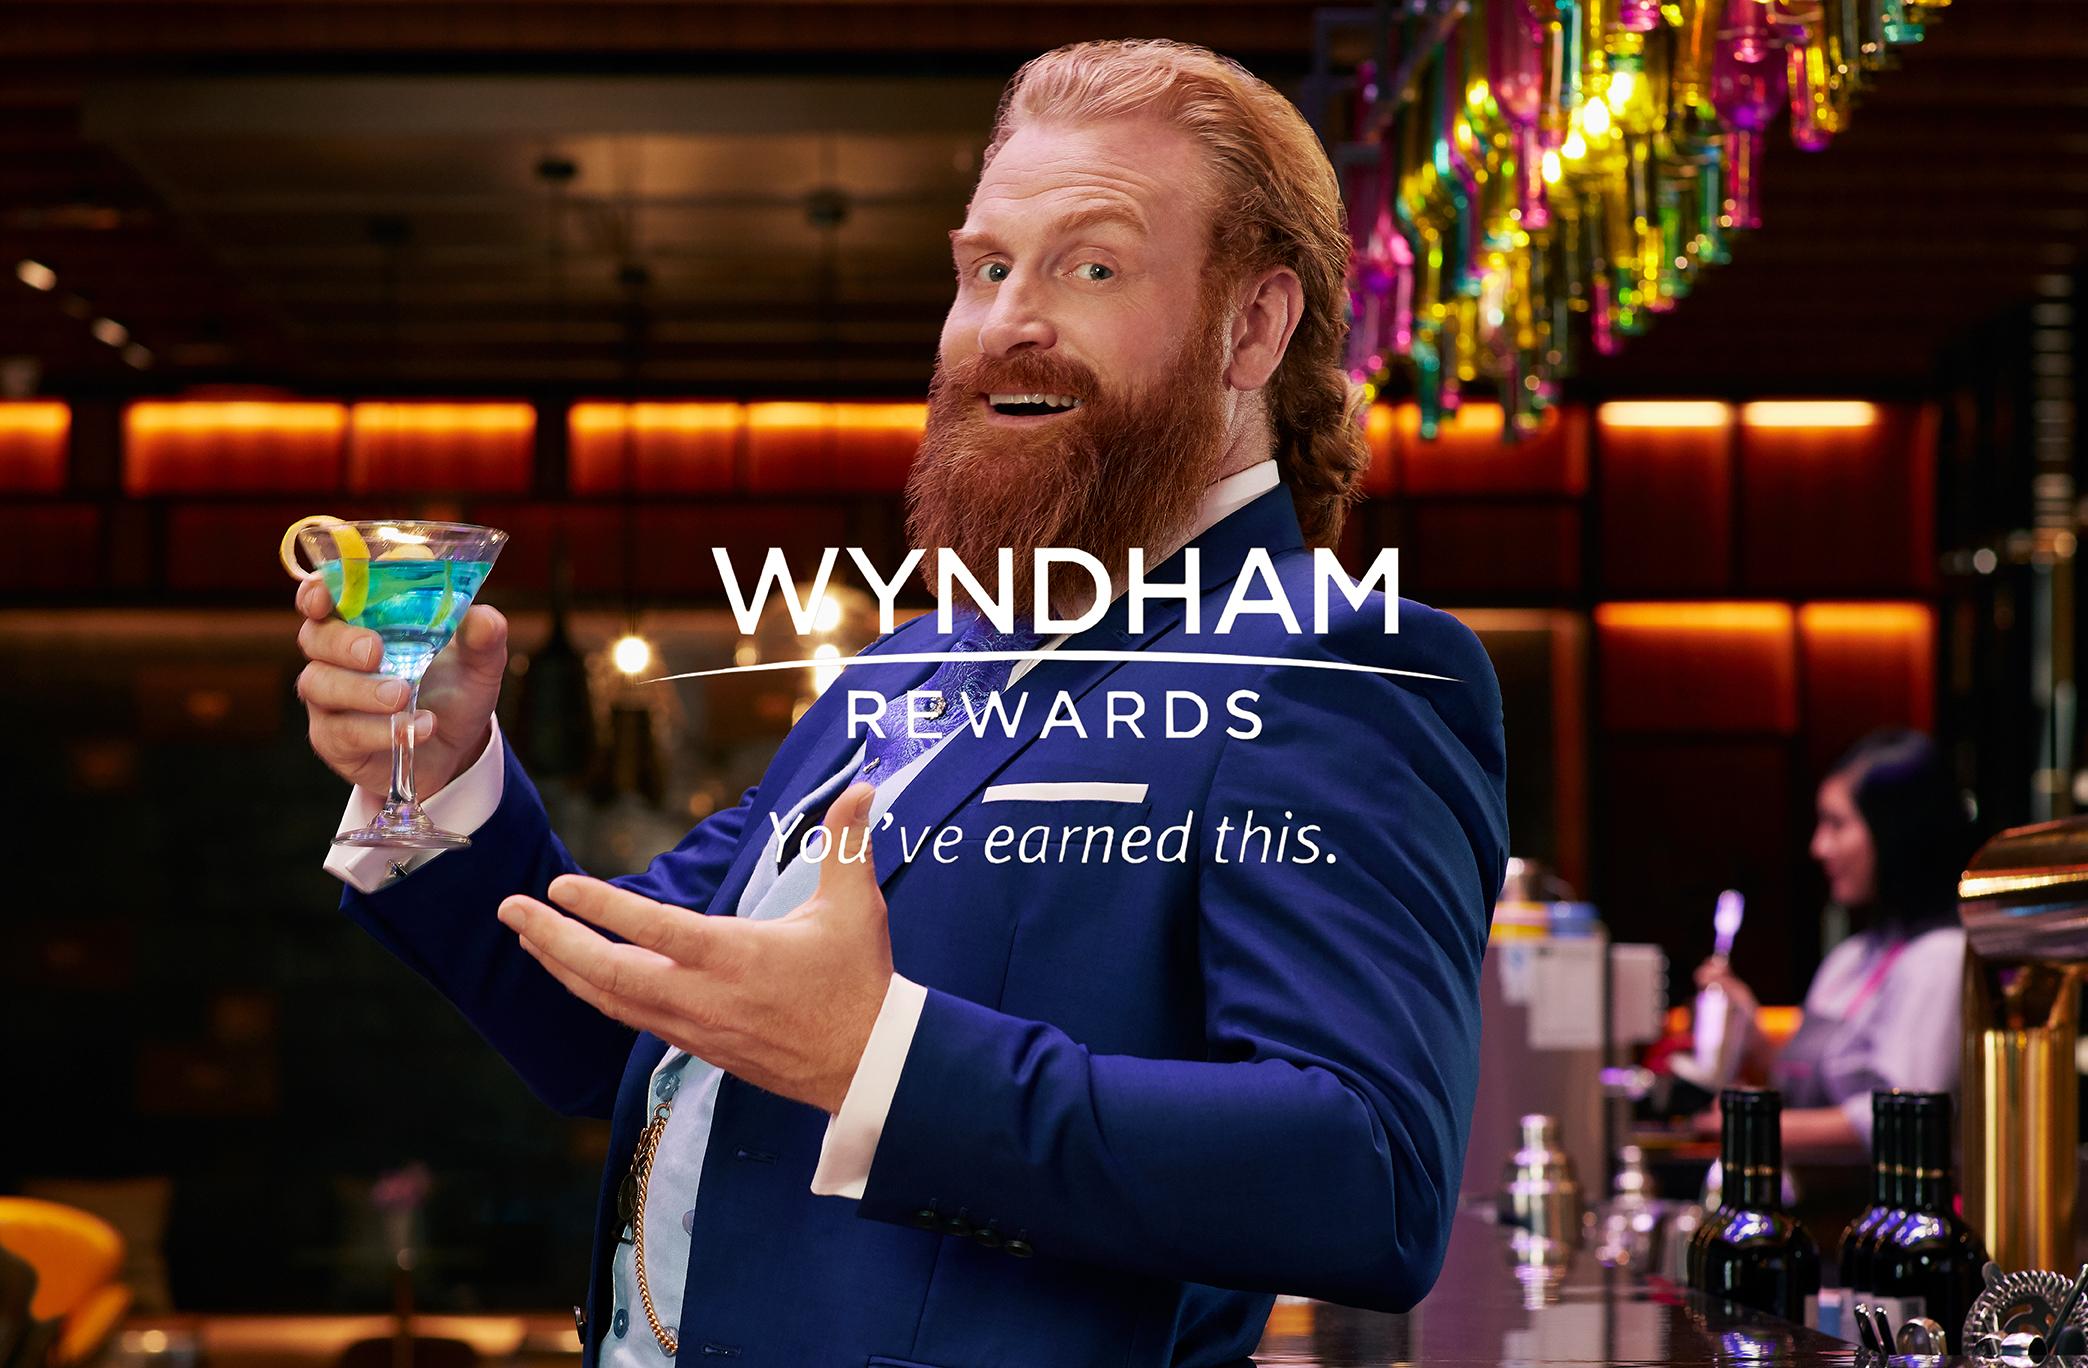 081117WY_wyndham_wyzard_xian_tryp_barclose_052_09162017 copy.jpg